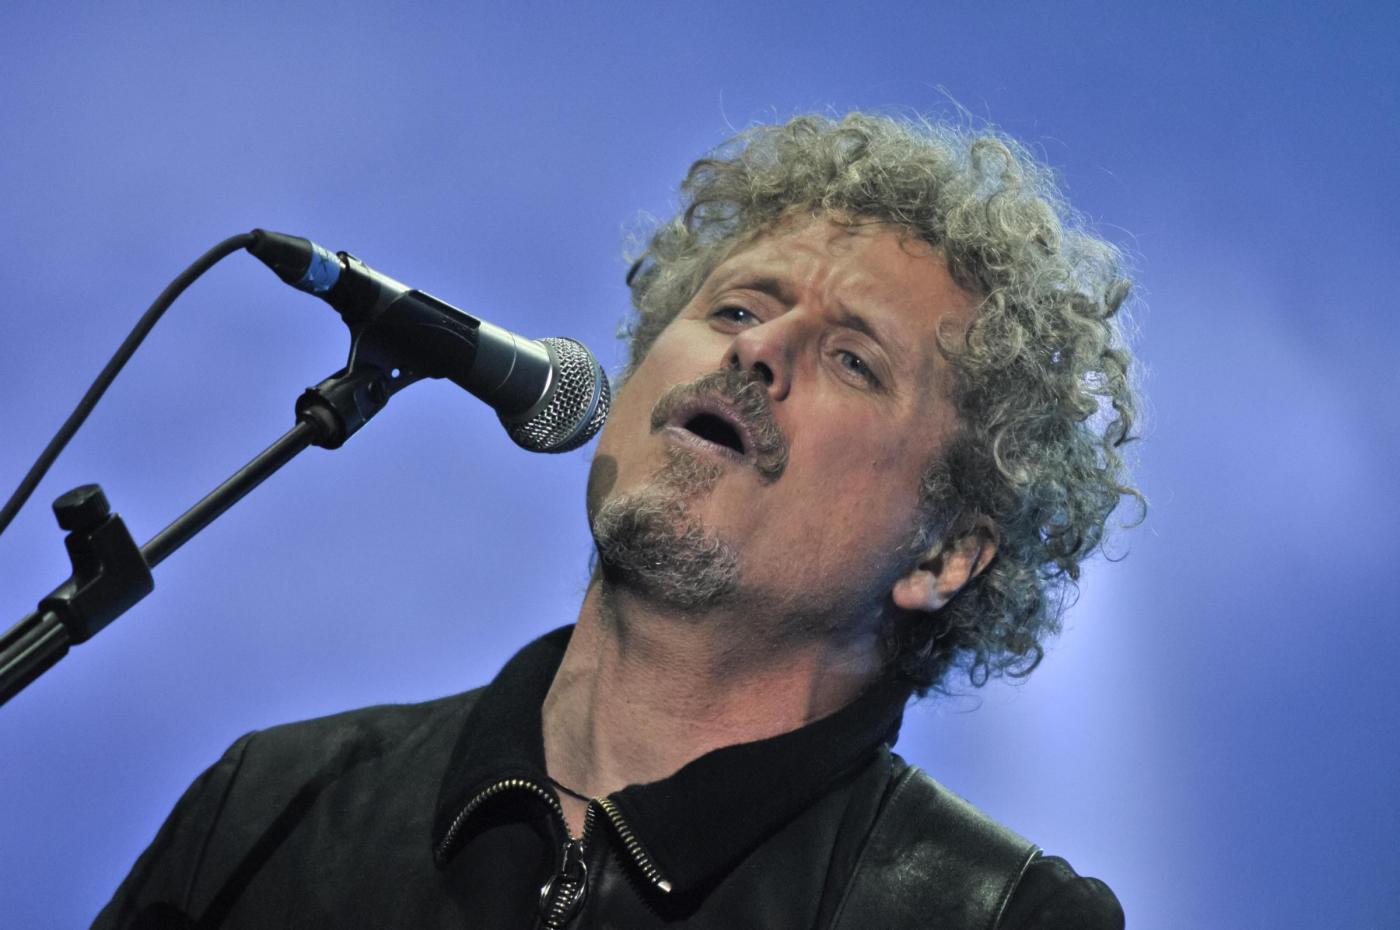 Niccolò Fabi, il nuovo album è Una Somma di Piccole Cose: 'È un disco terapeutico'